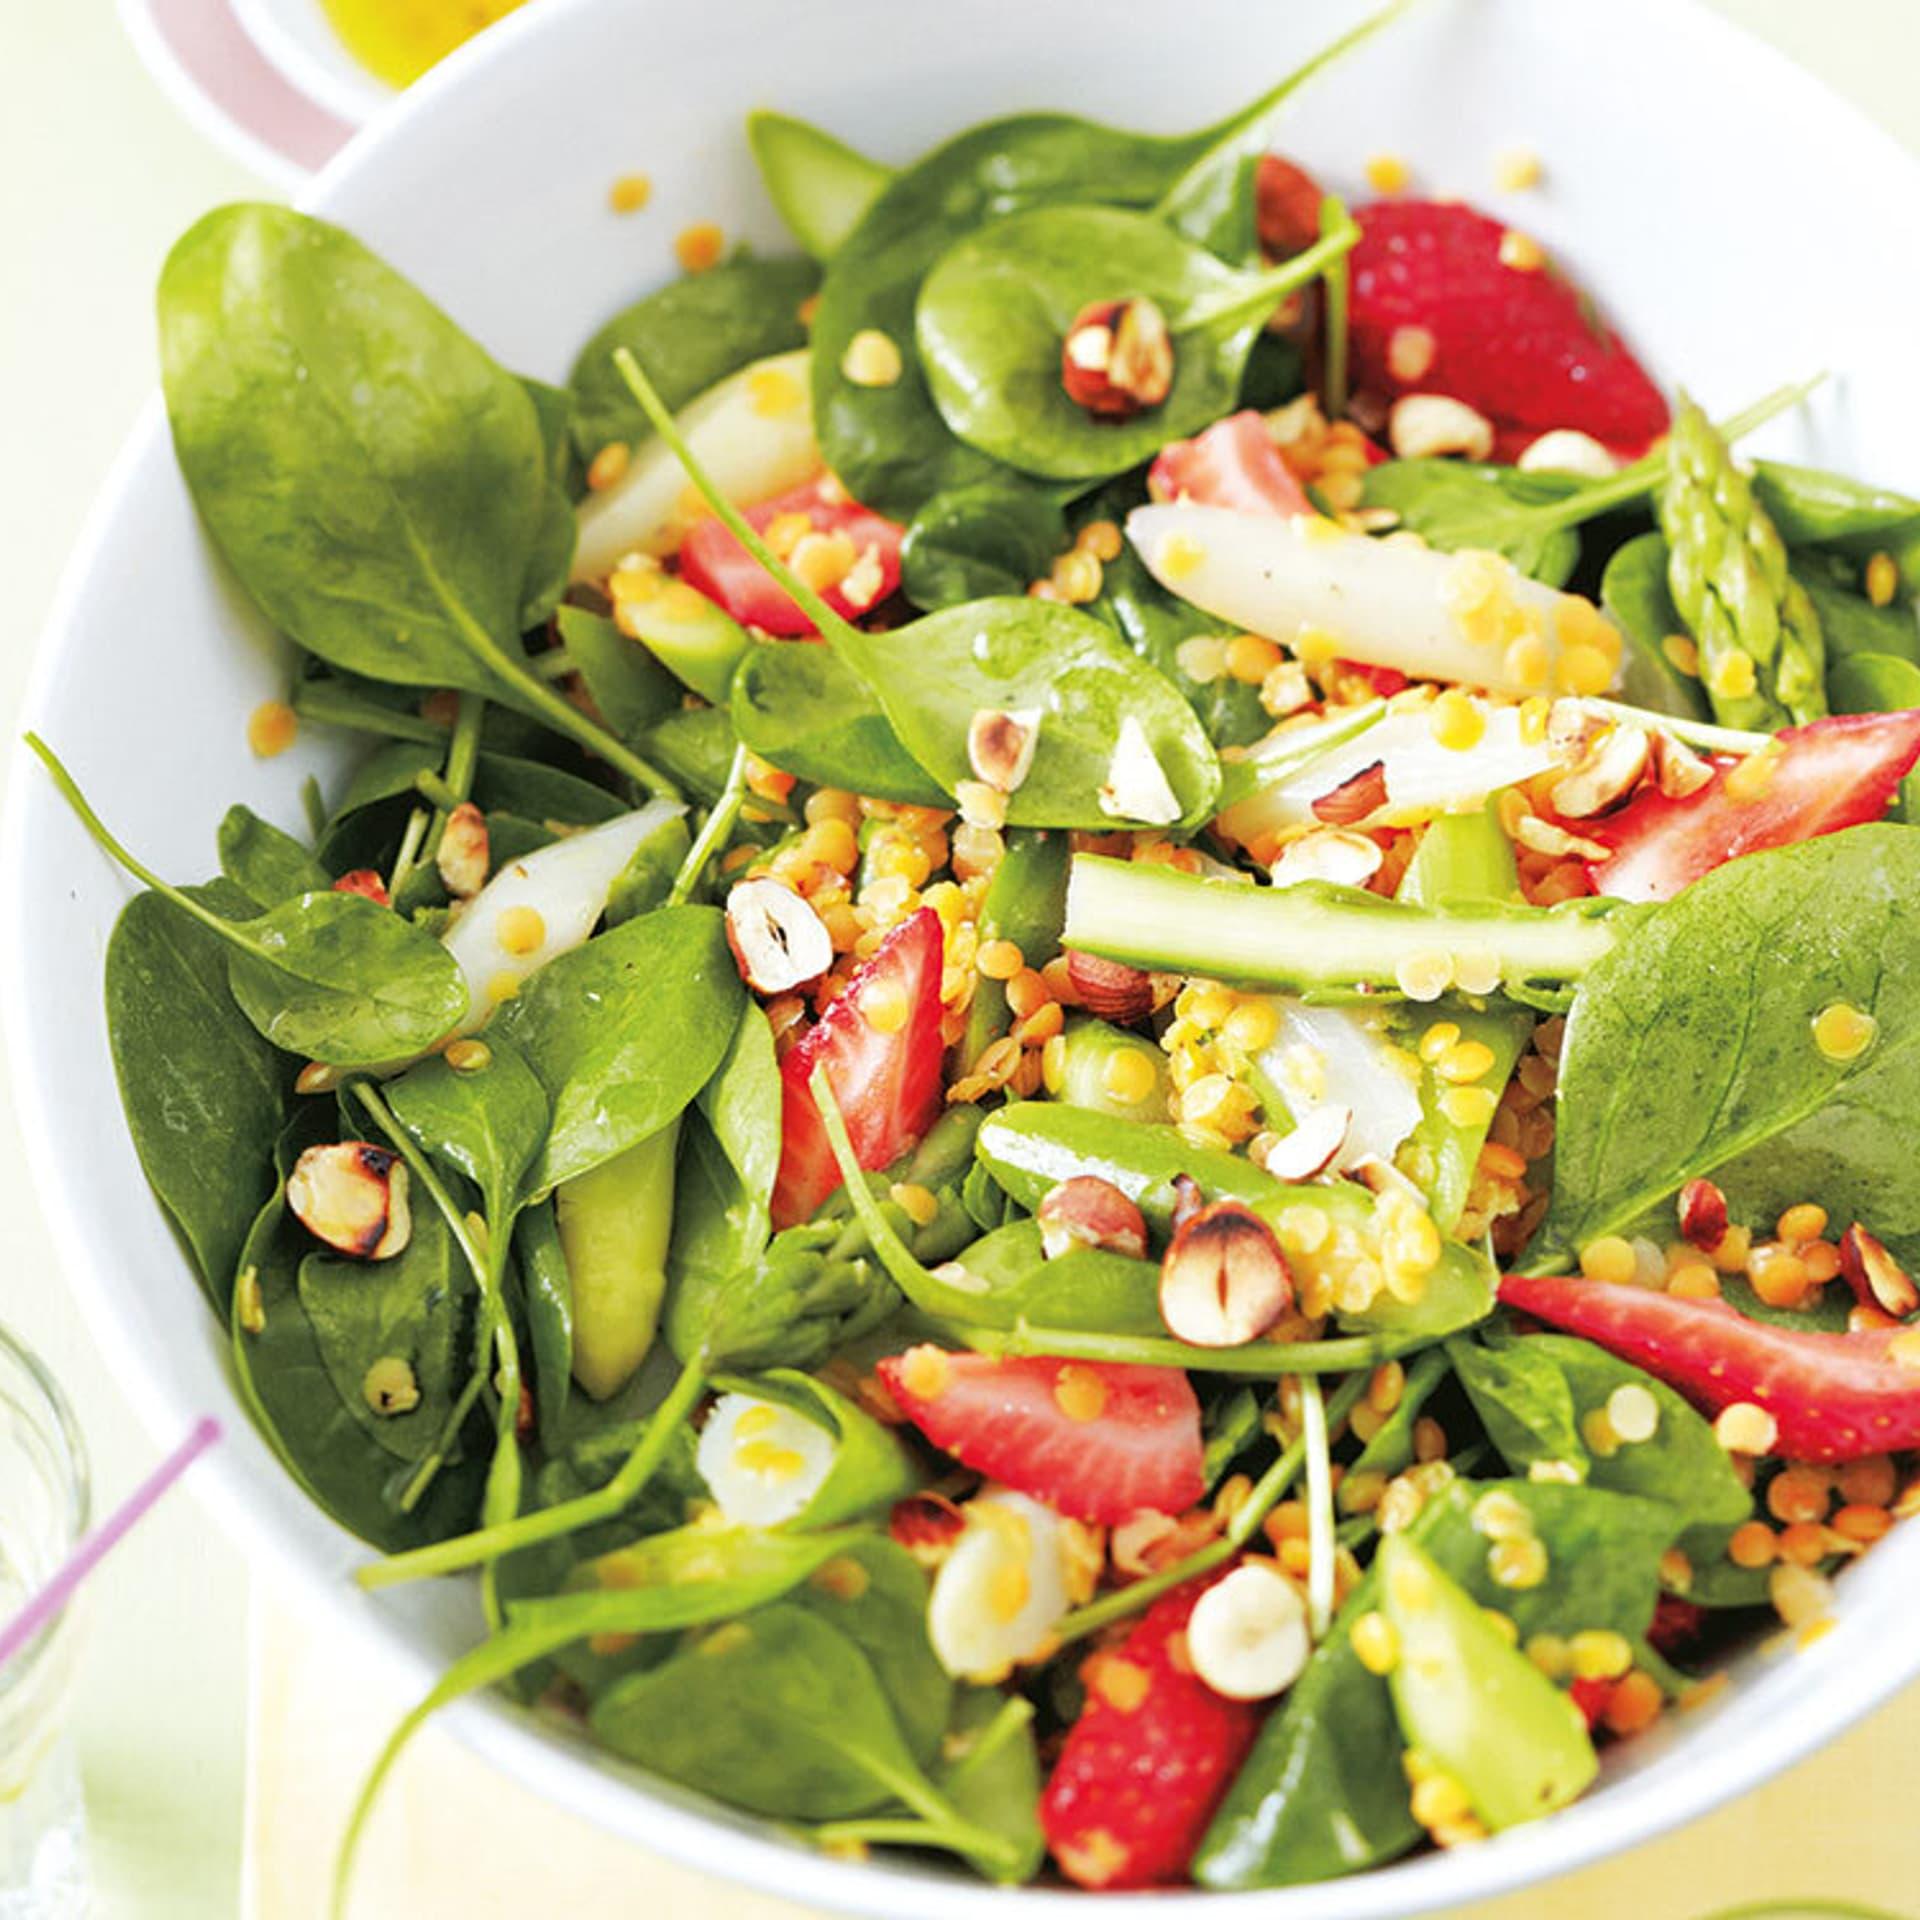 Erdbeer-Spinat-Salat